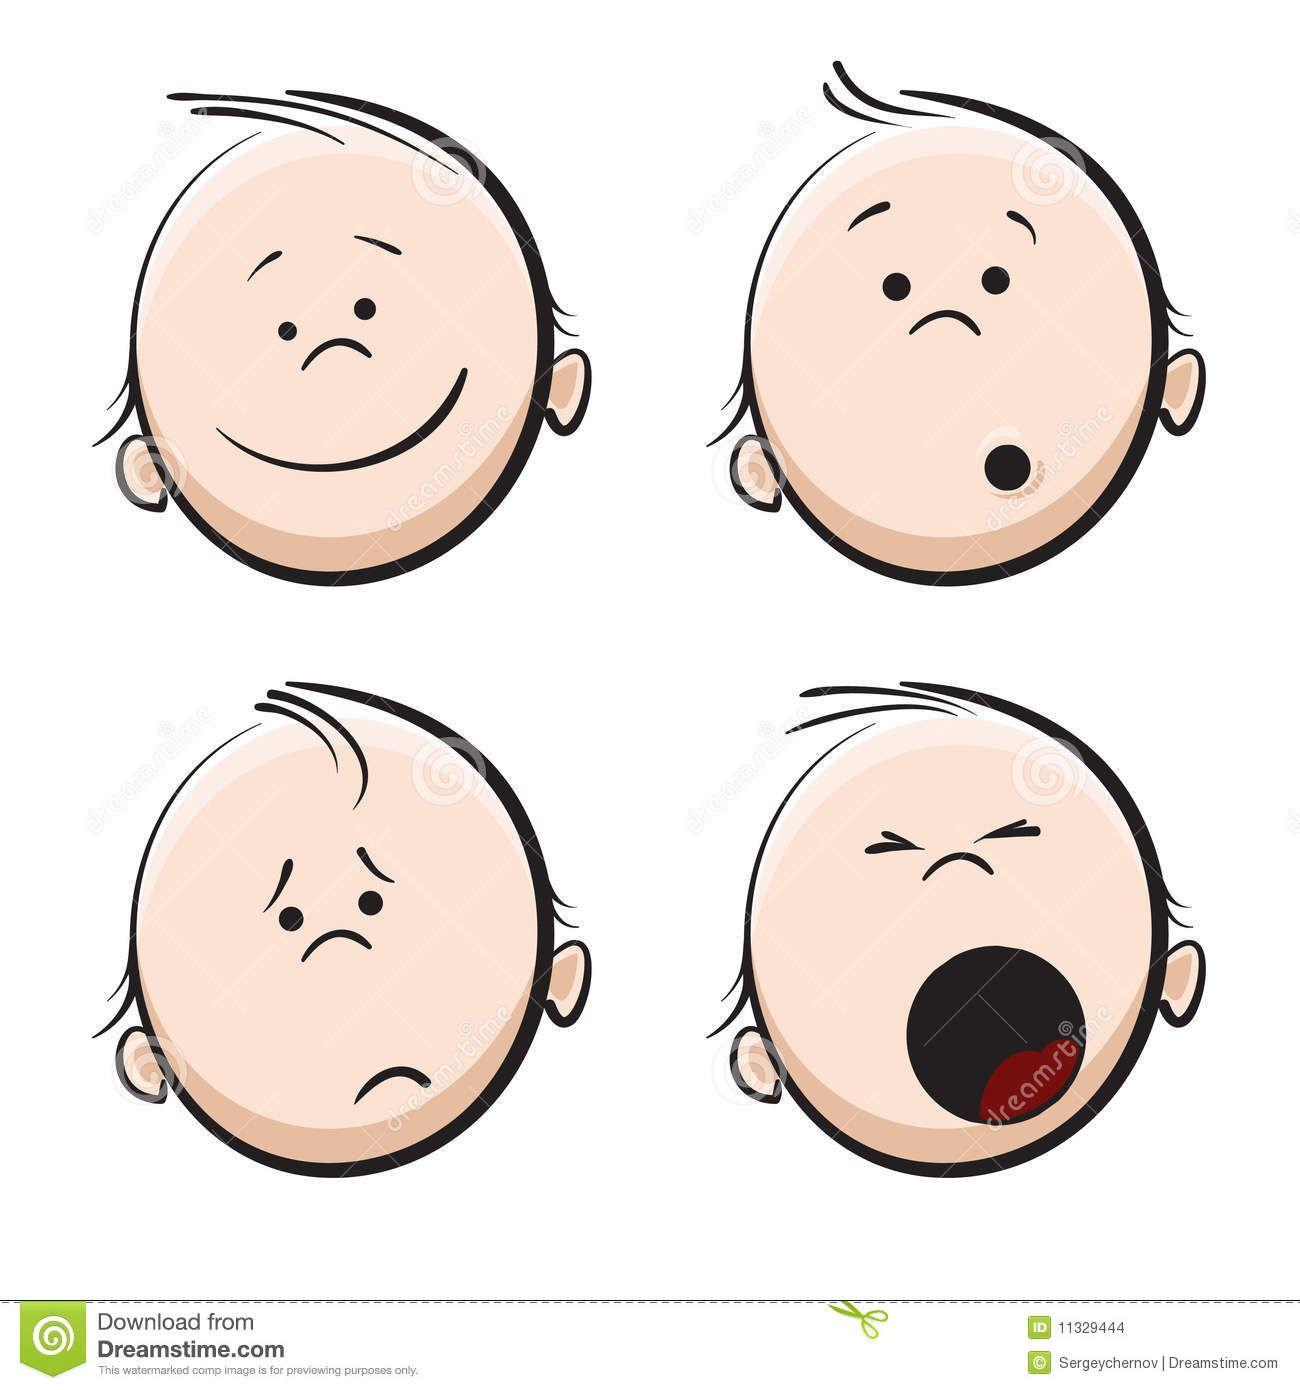 cute baby faces clipart - Google Search | bébé | Pinterest ...